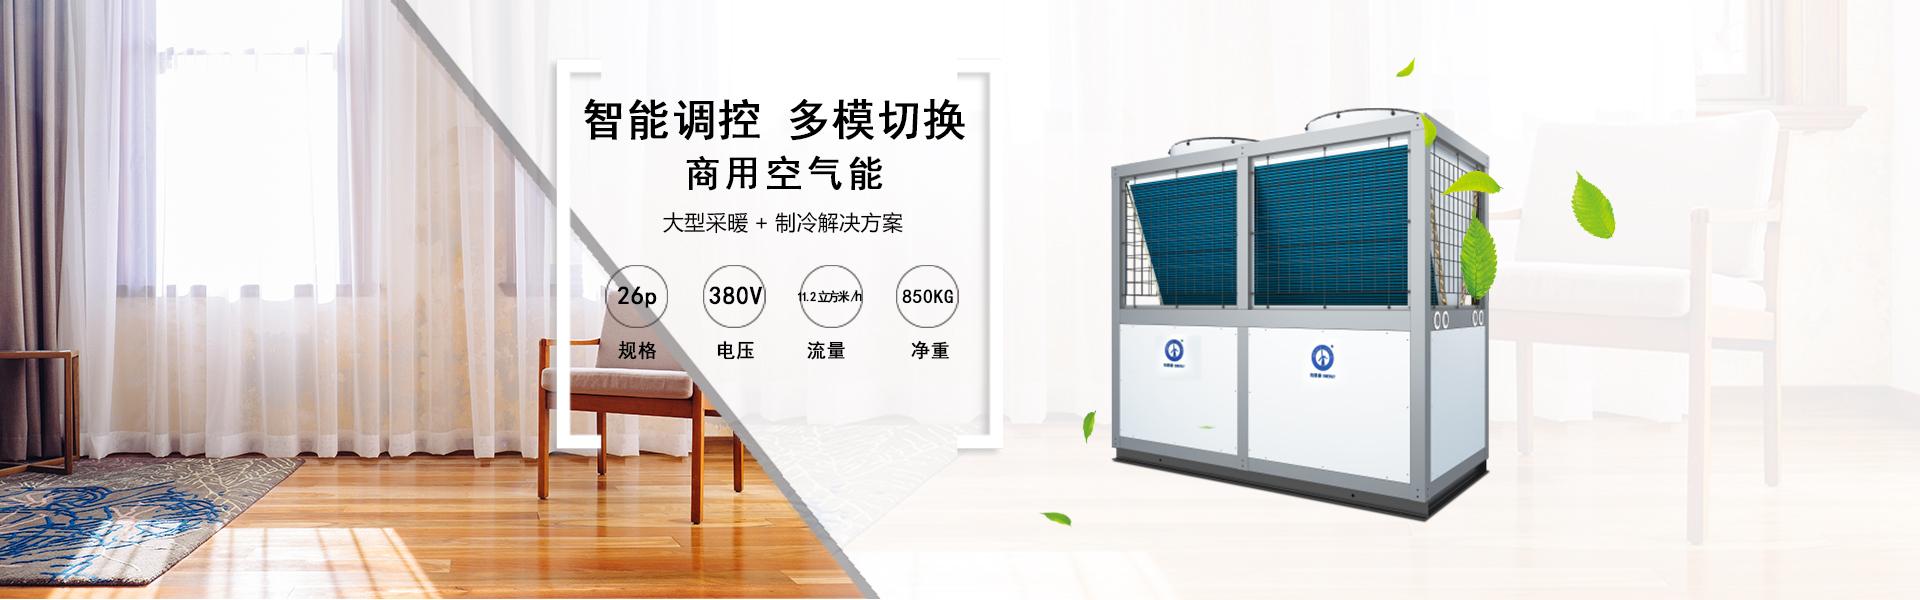 甘肃万博官方网站手机版能